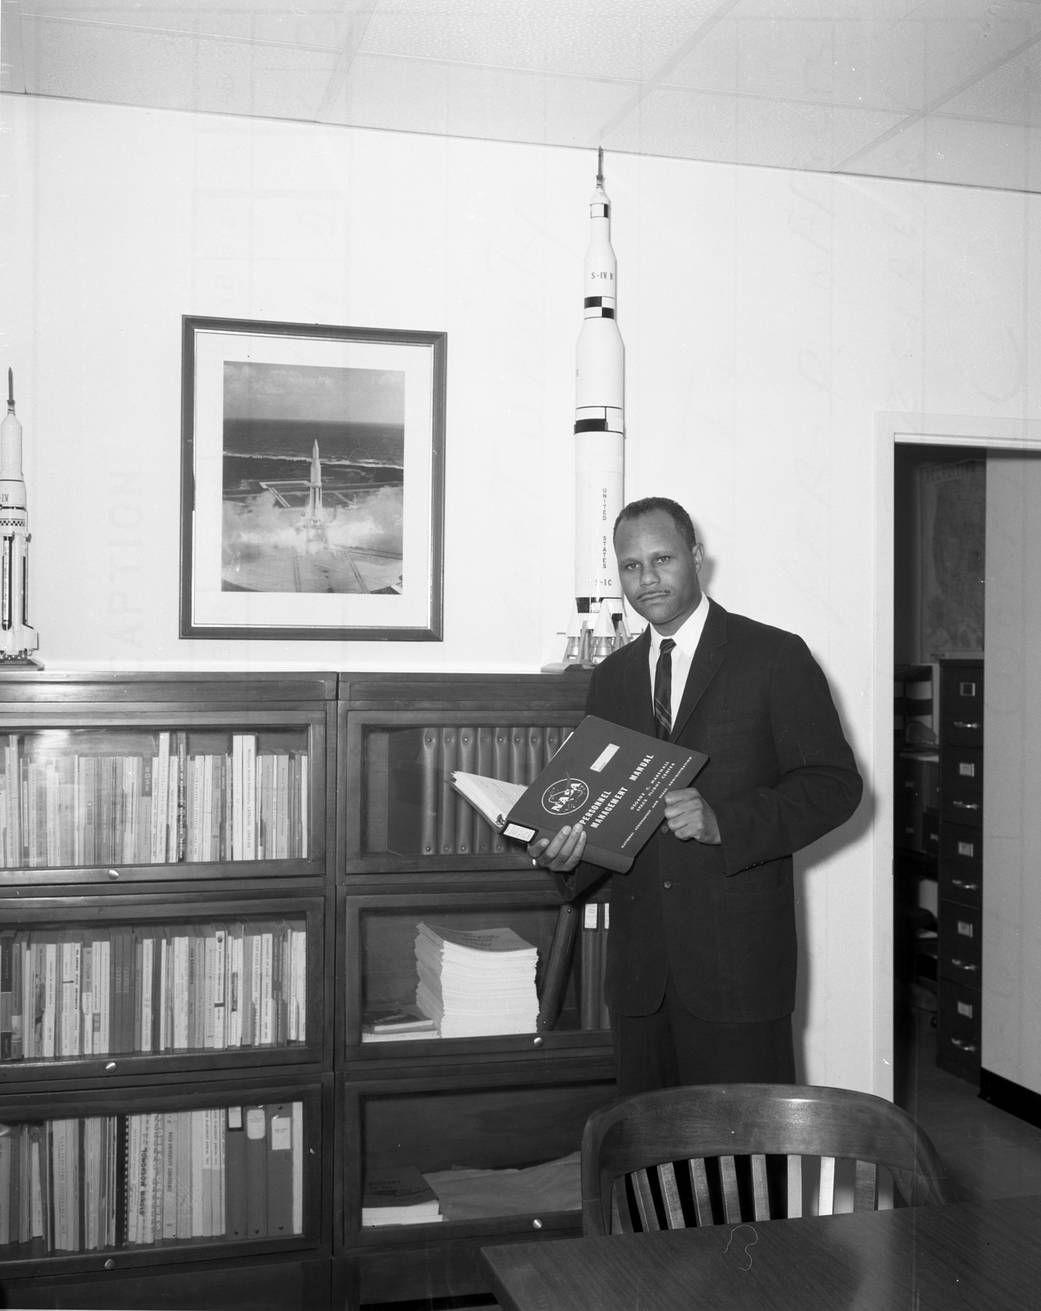 Charles T. Smoot Nasa history, Nasa, African american